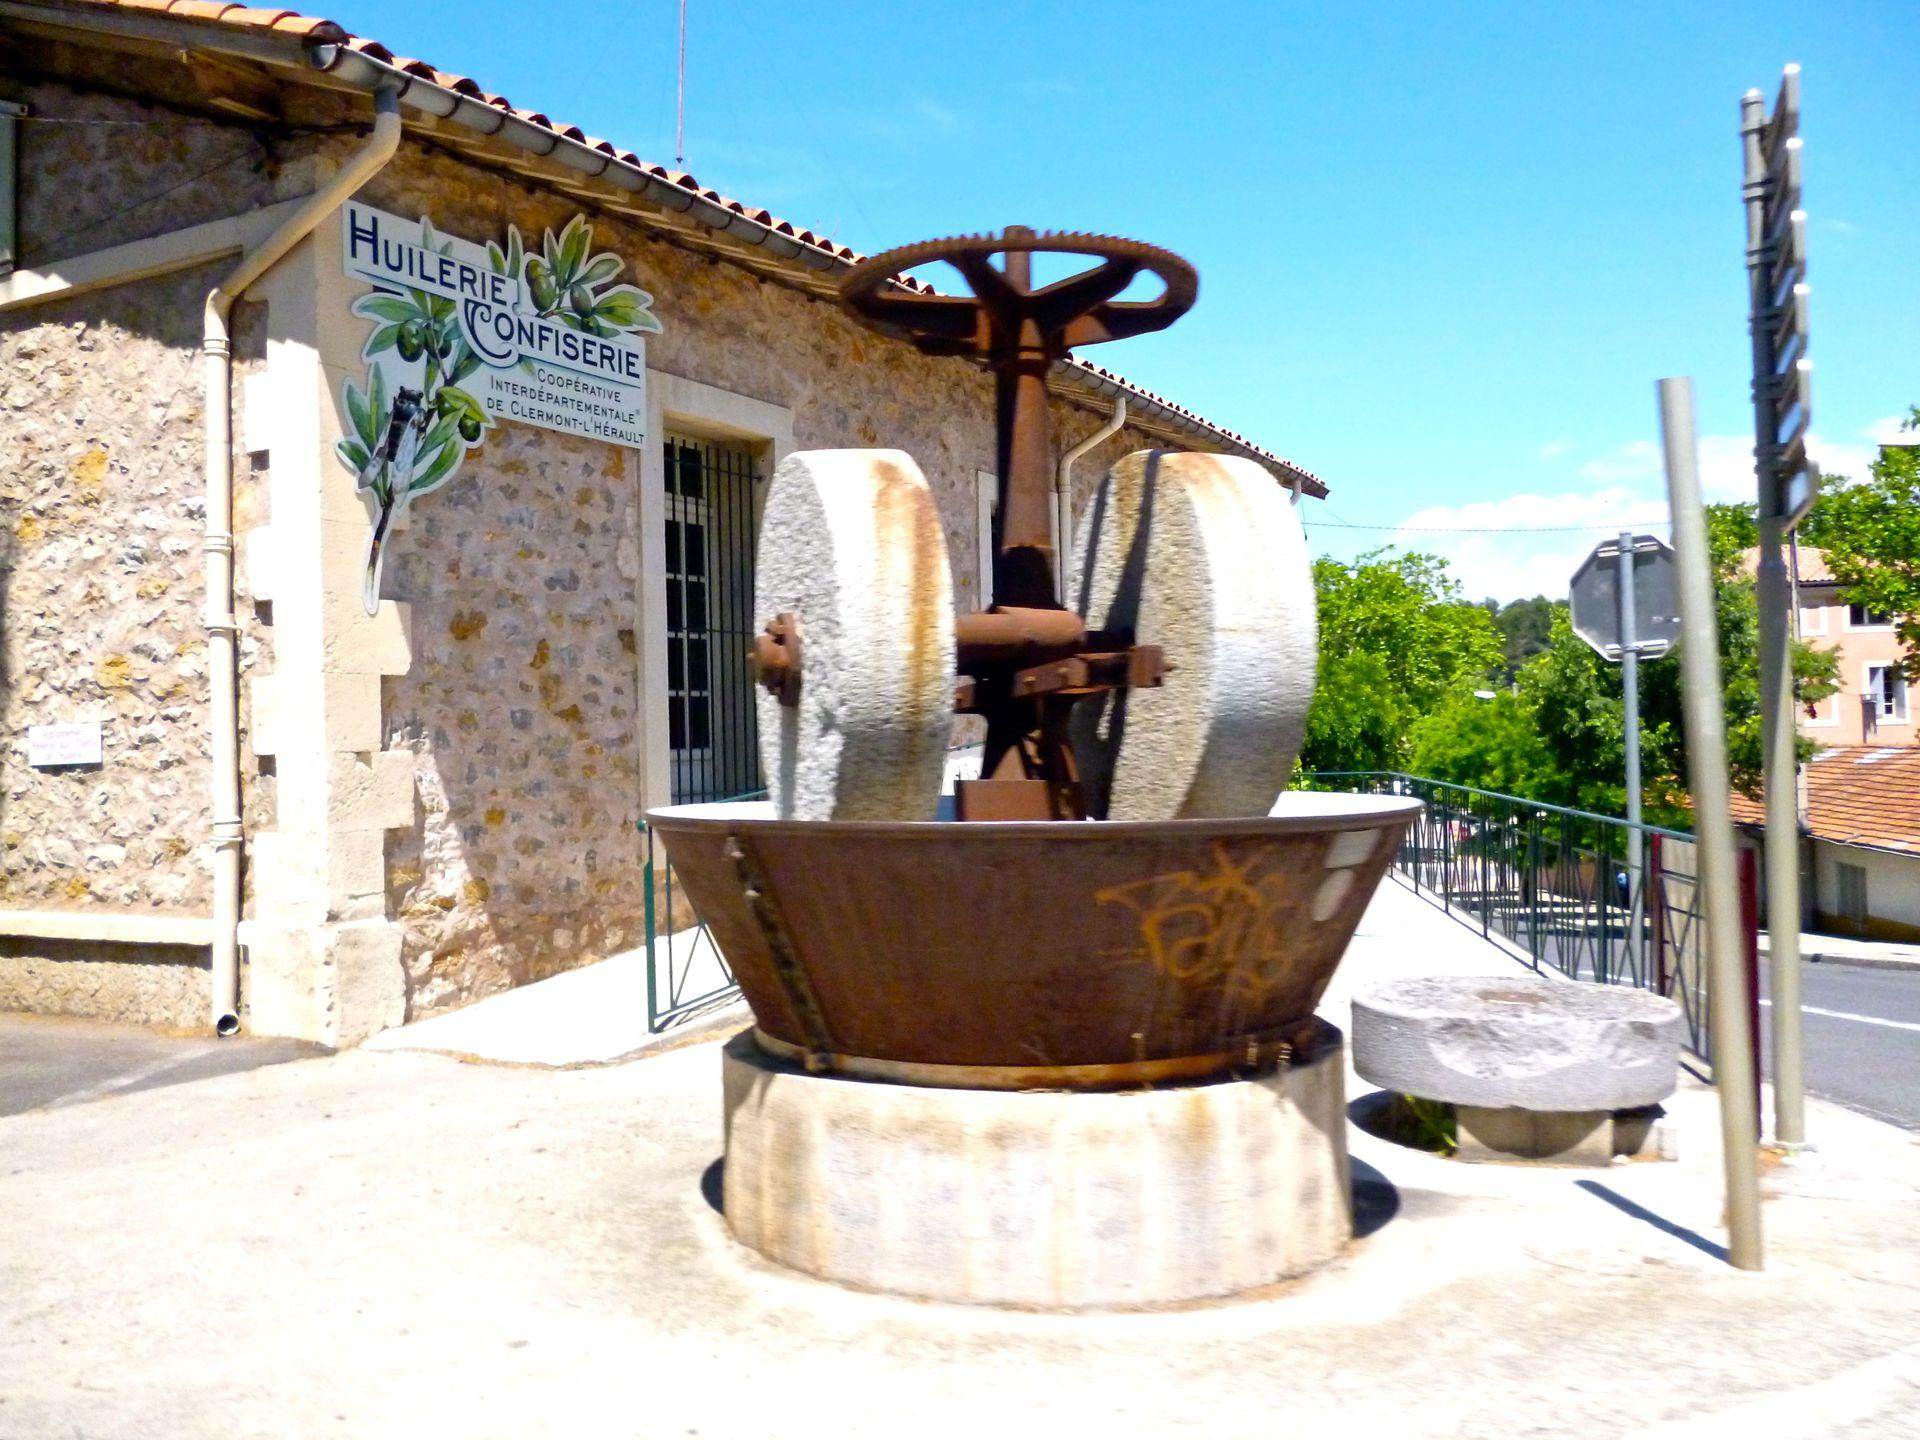 Moulin d'Olidoc, l'Huilerie Confiserie Coopérative de Clermont l'Hérault